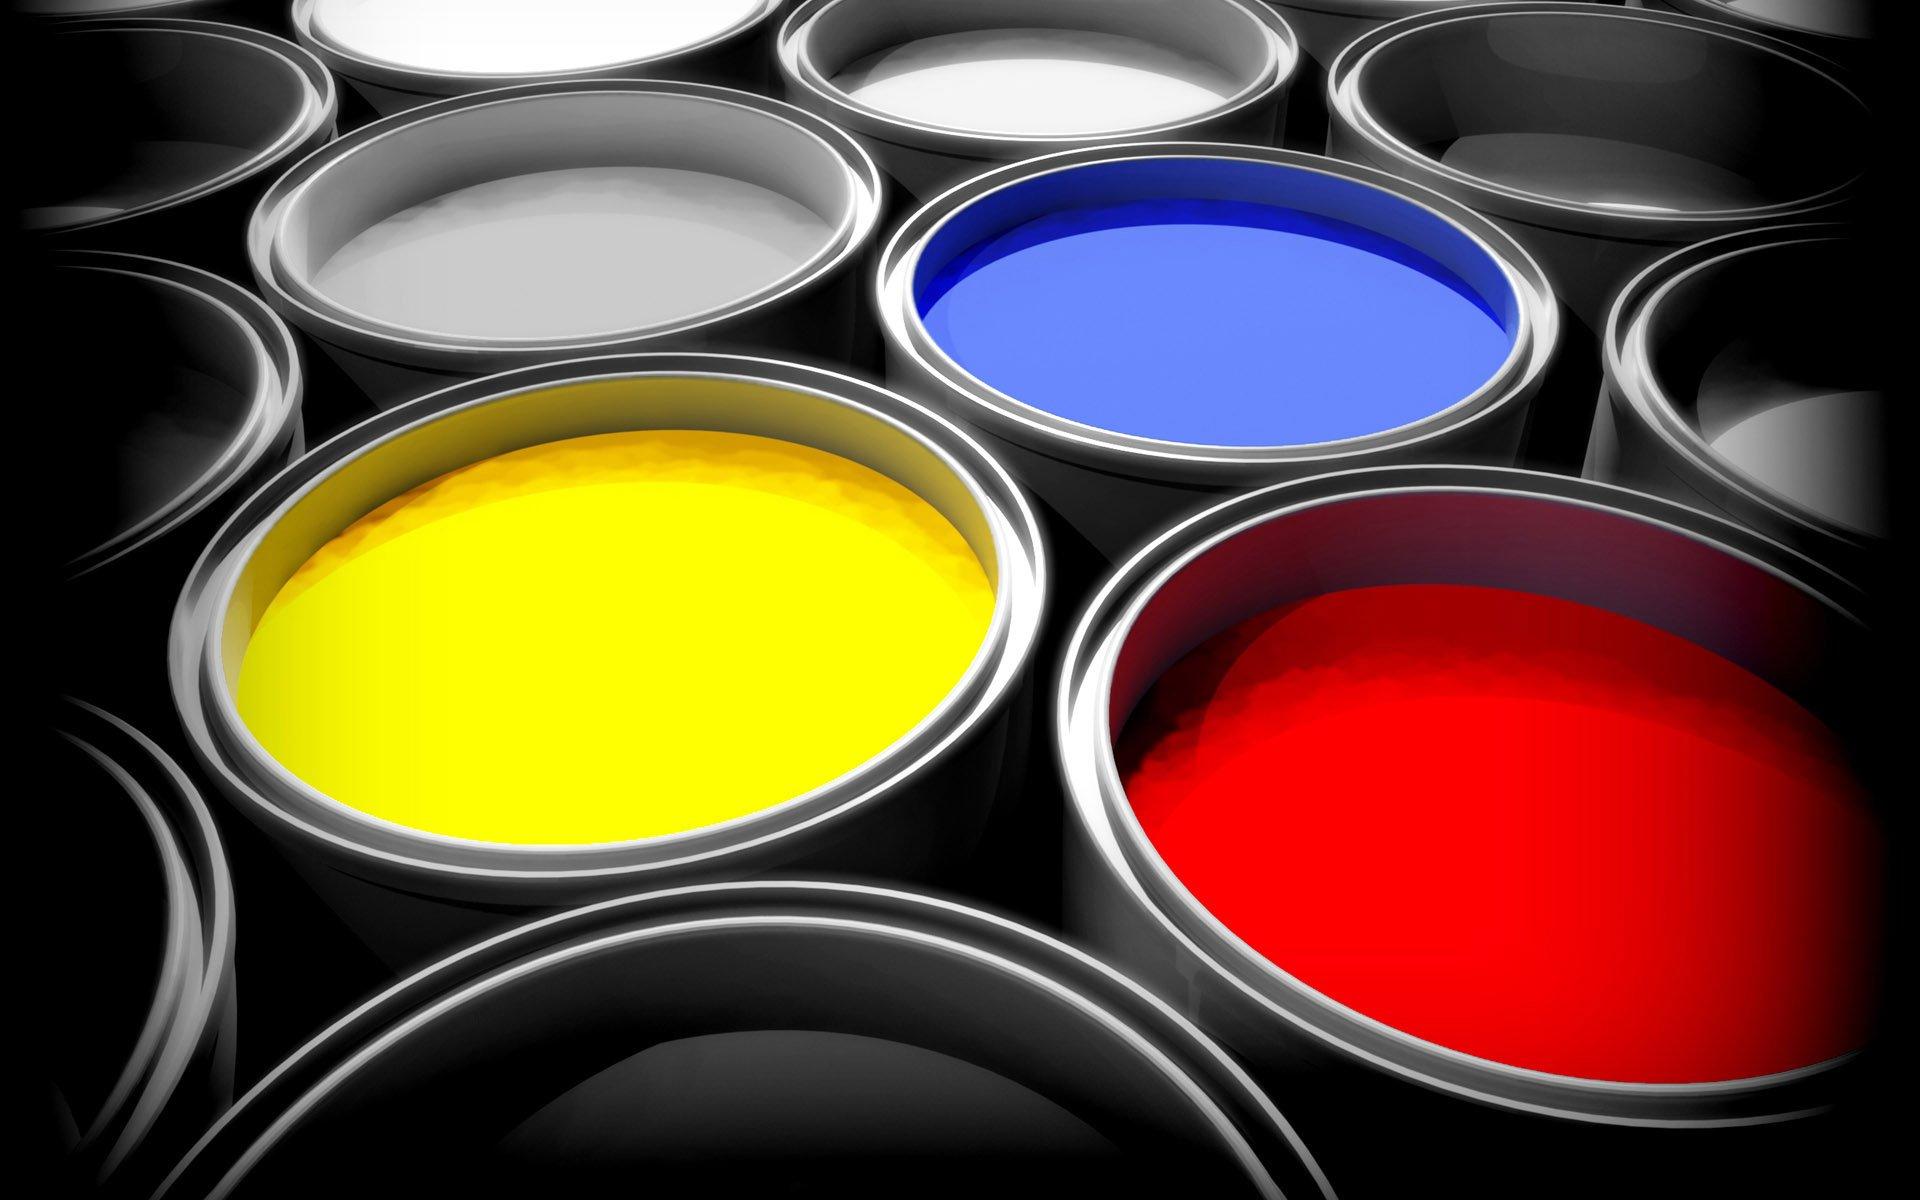 Краска для пластика - приминение, разновидности и нанесение